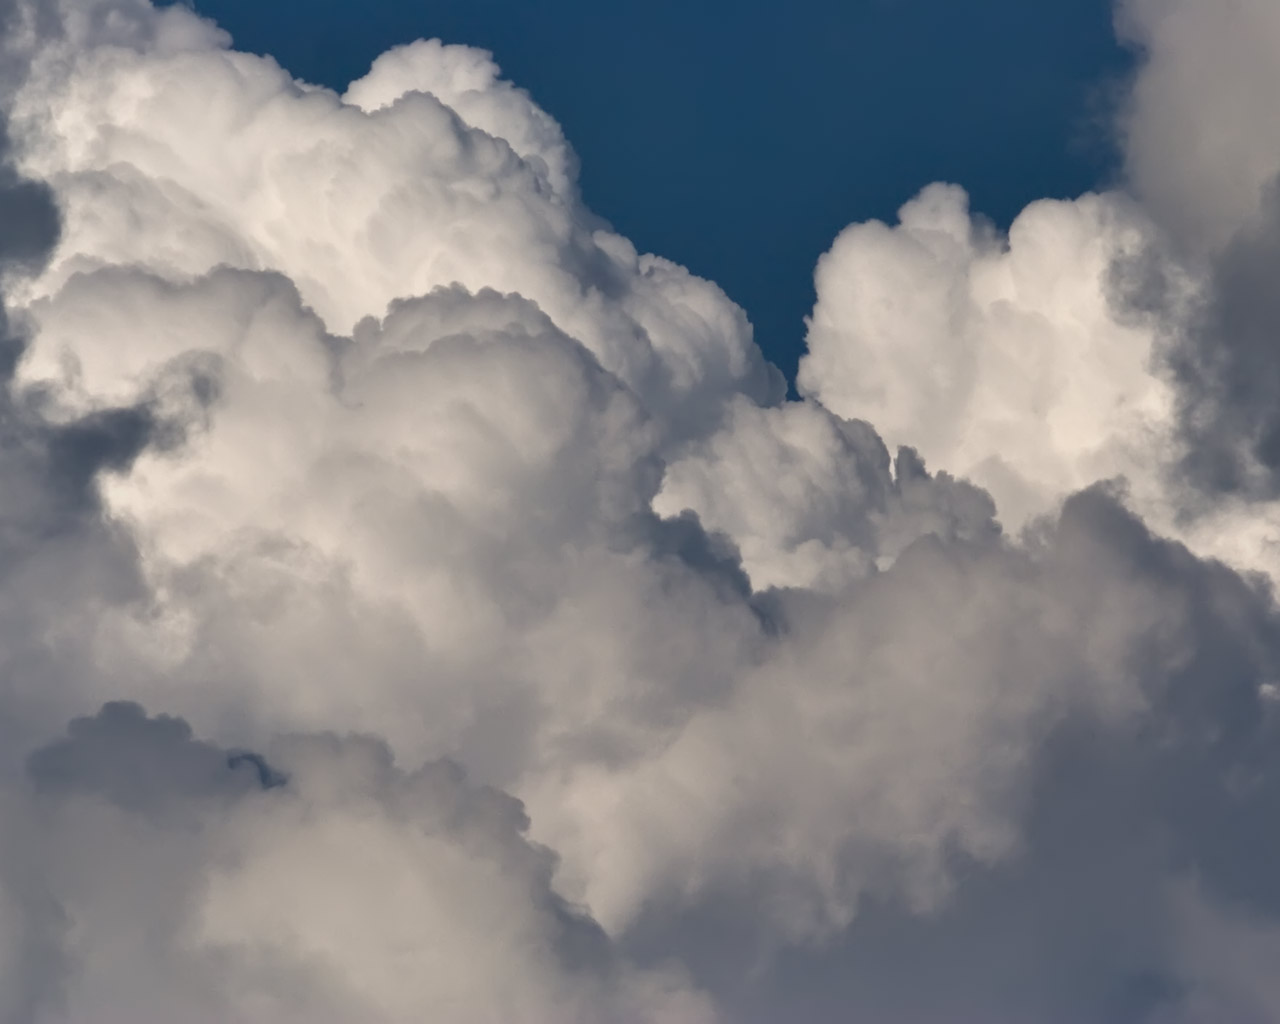 http://1.bp.blogspot.com/_ezqyLmDjUk8/TFaRUBJ0jDI/AAAAAAAAAK4/z0sRQaNQkk4/s1600/clouds-cumulus-bubbling.jpg